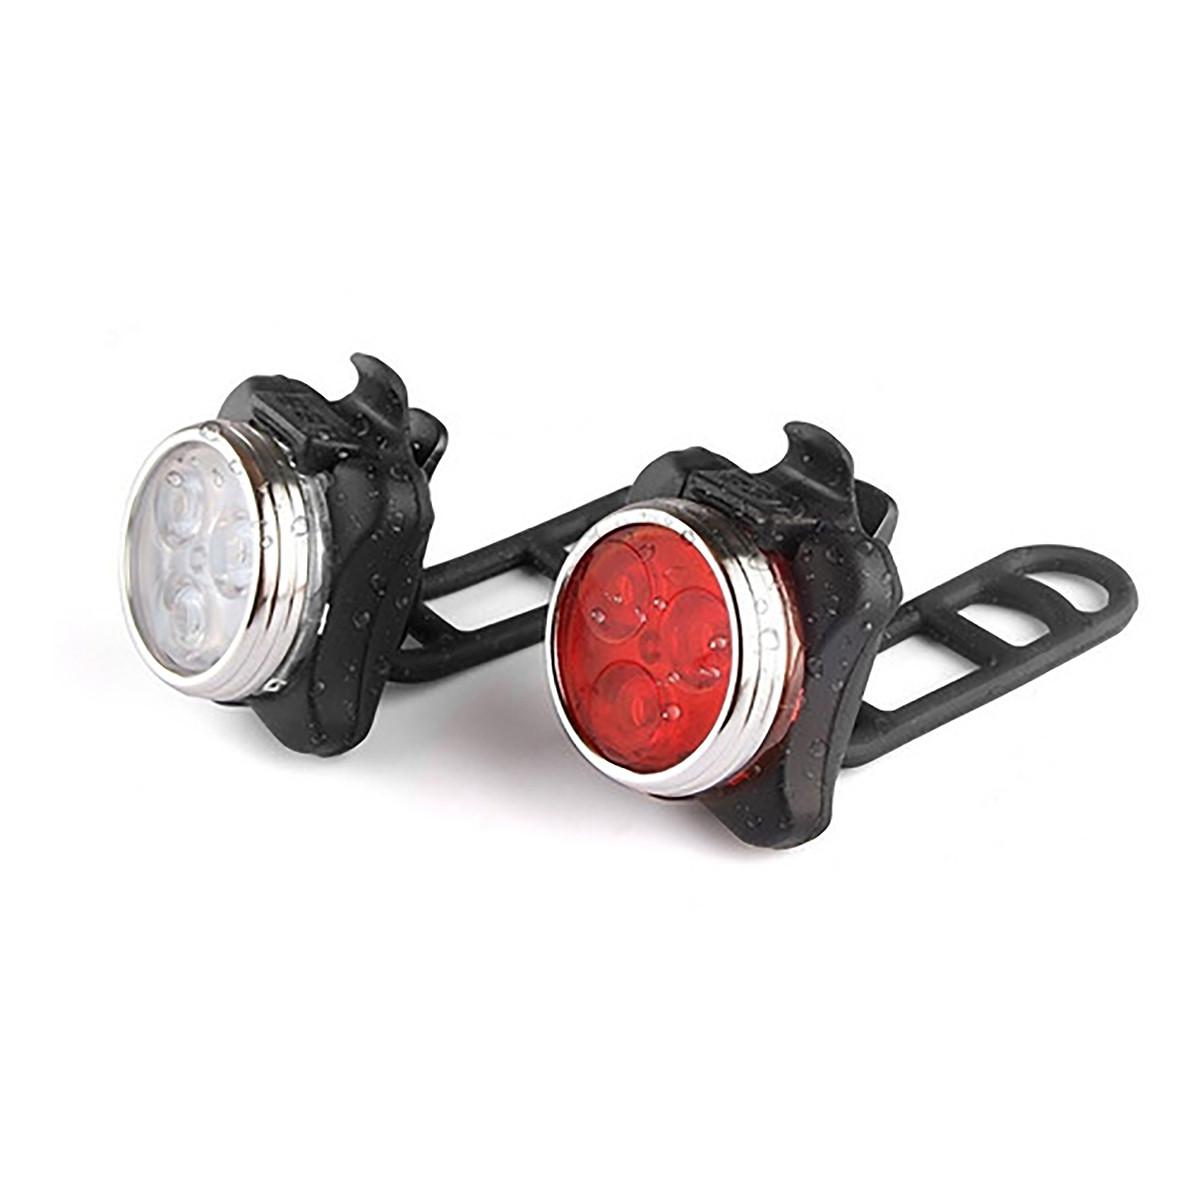 Kit Luces LED Bicicleta delantera trasera Recargables usb